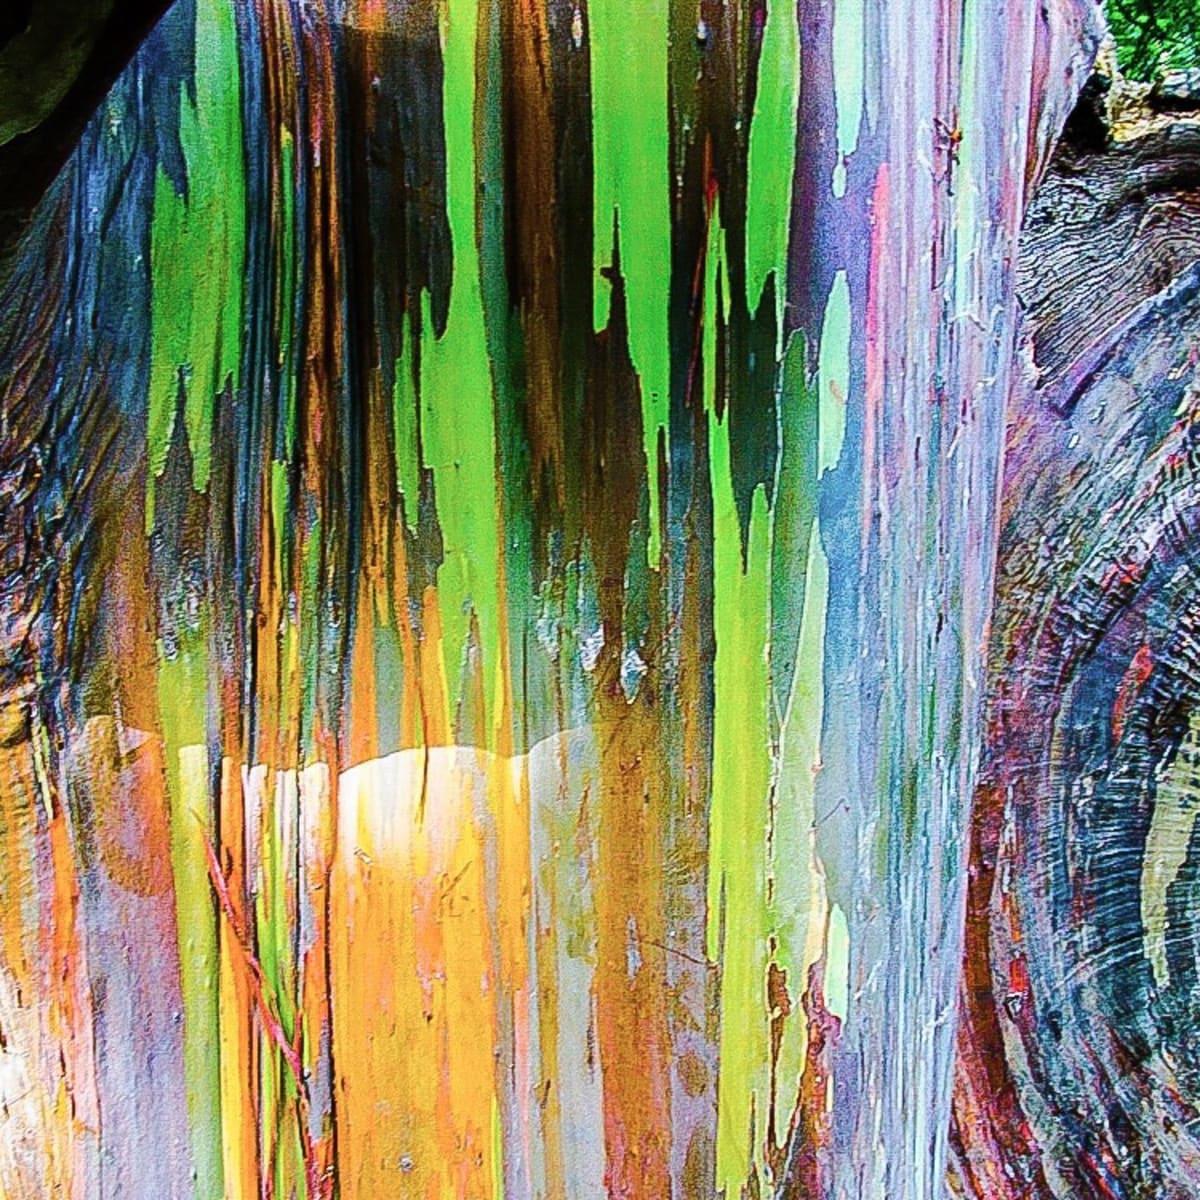 Rainbow Eucalyptus An Unusual Tree With A Multicoloured Trunk Owlcation Education